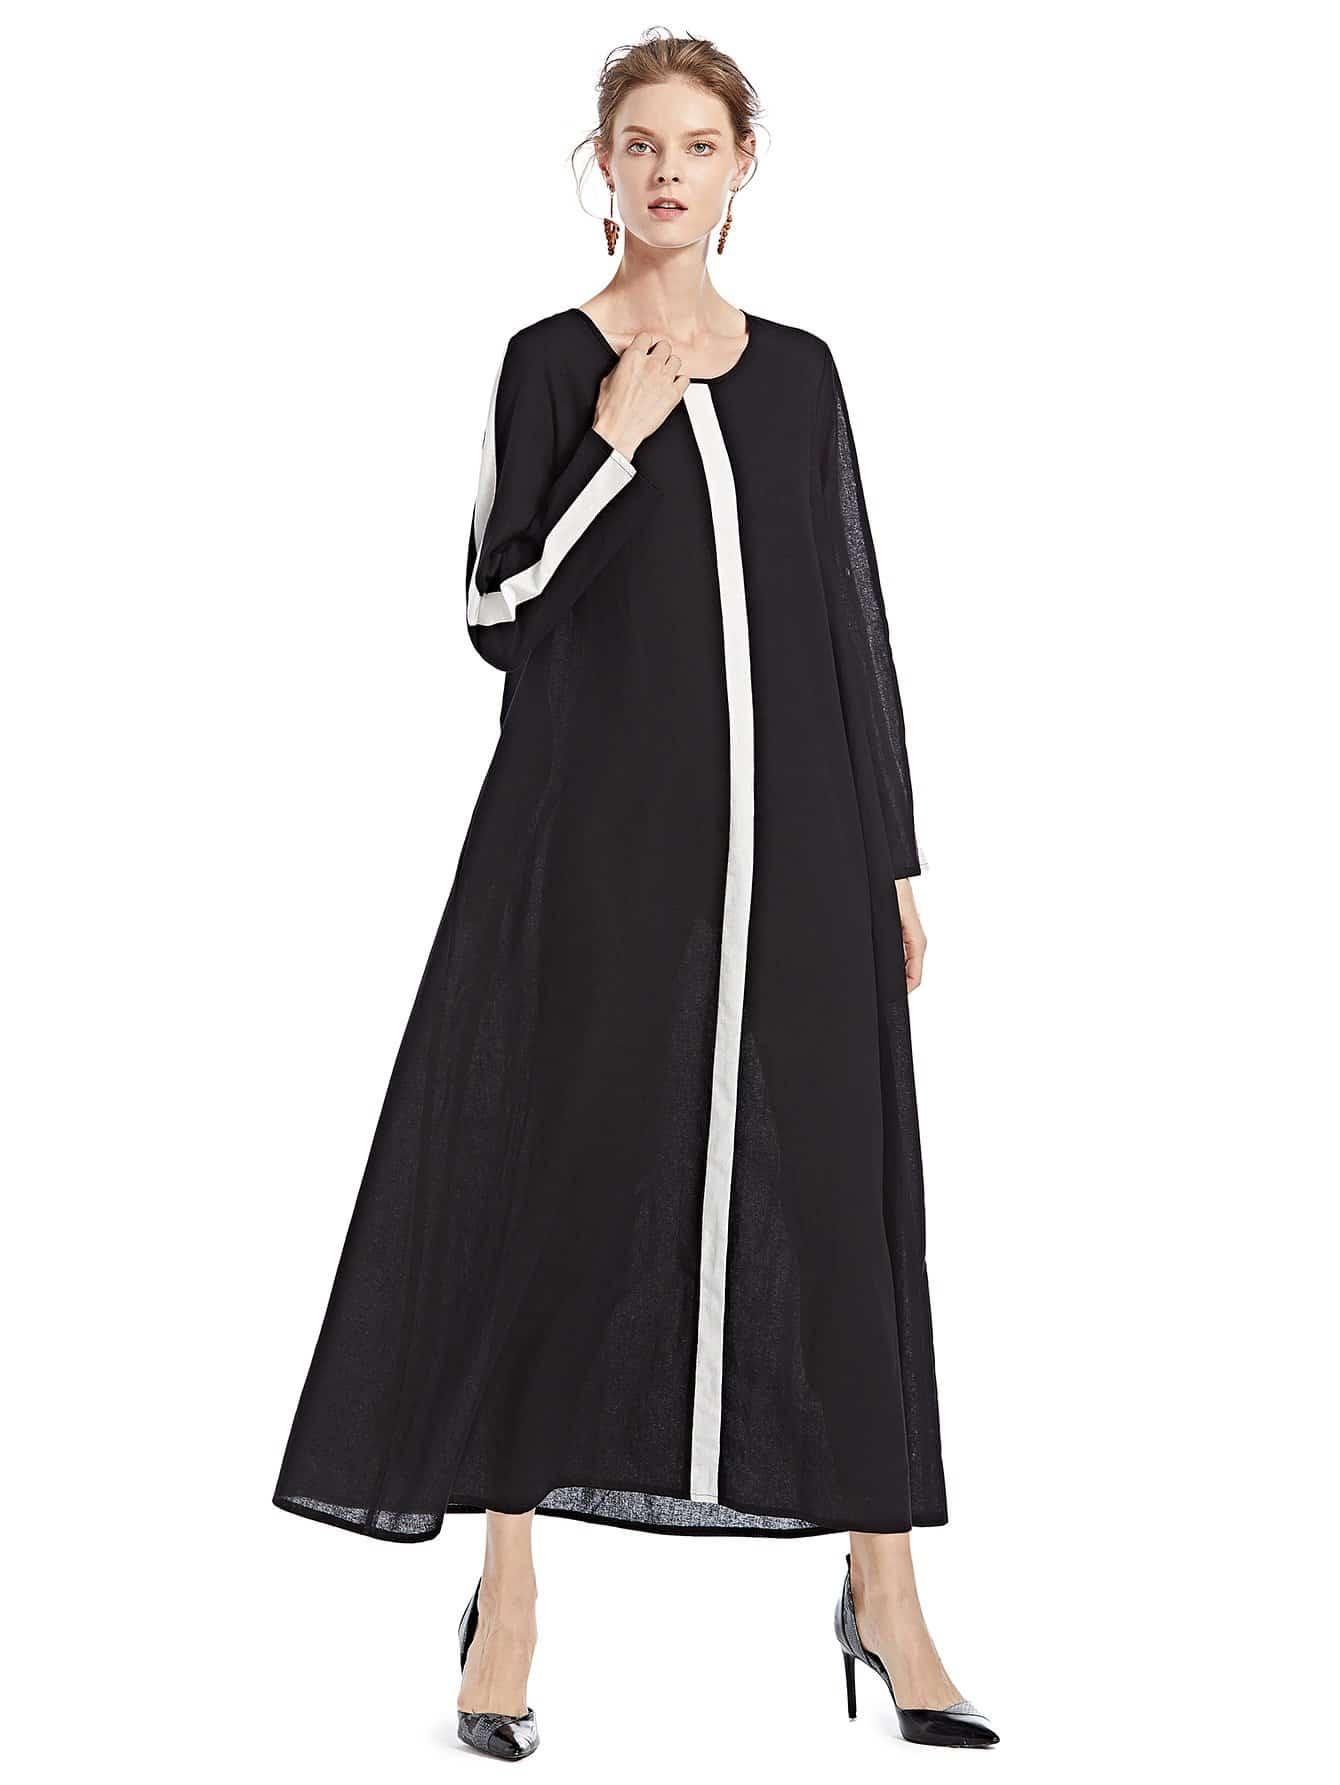 Купить Платье с веерообразным воротником, null, SheIn